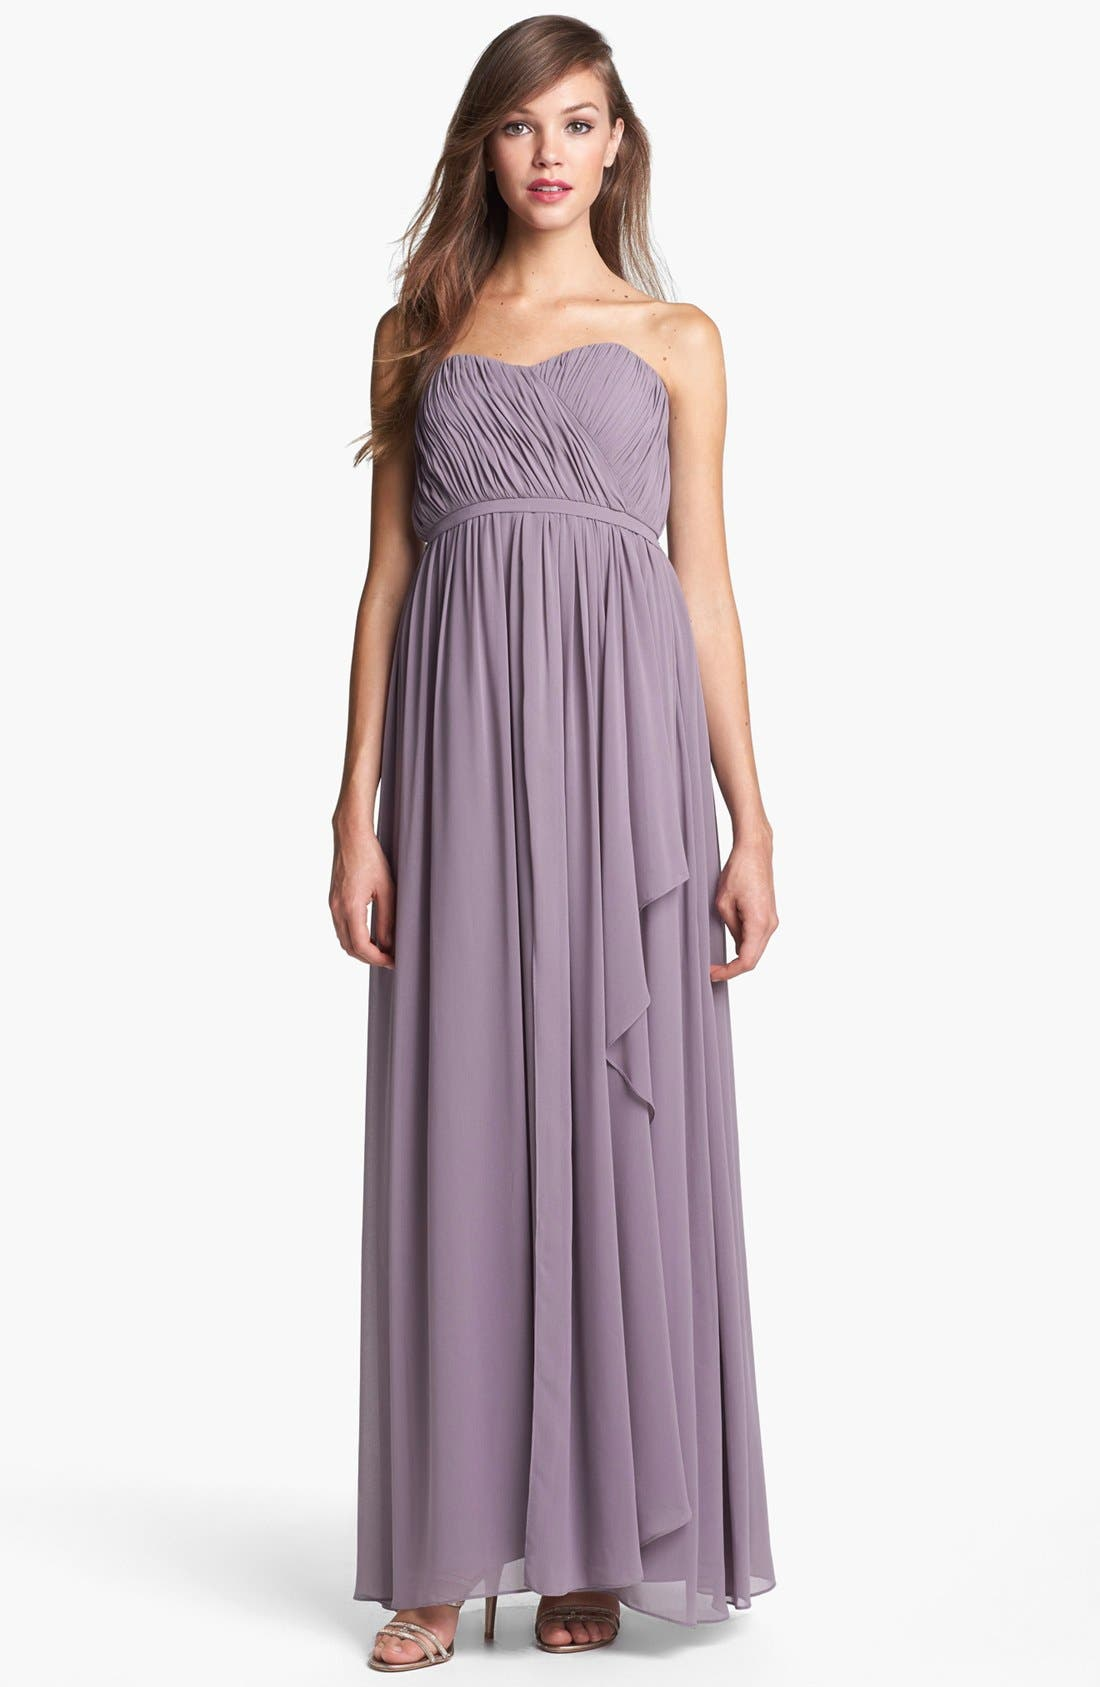 Alternate Image 1  - Donna Morgan 'Lily' Draped Chiffon Dress